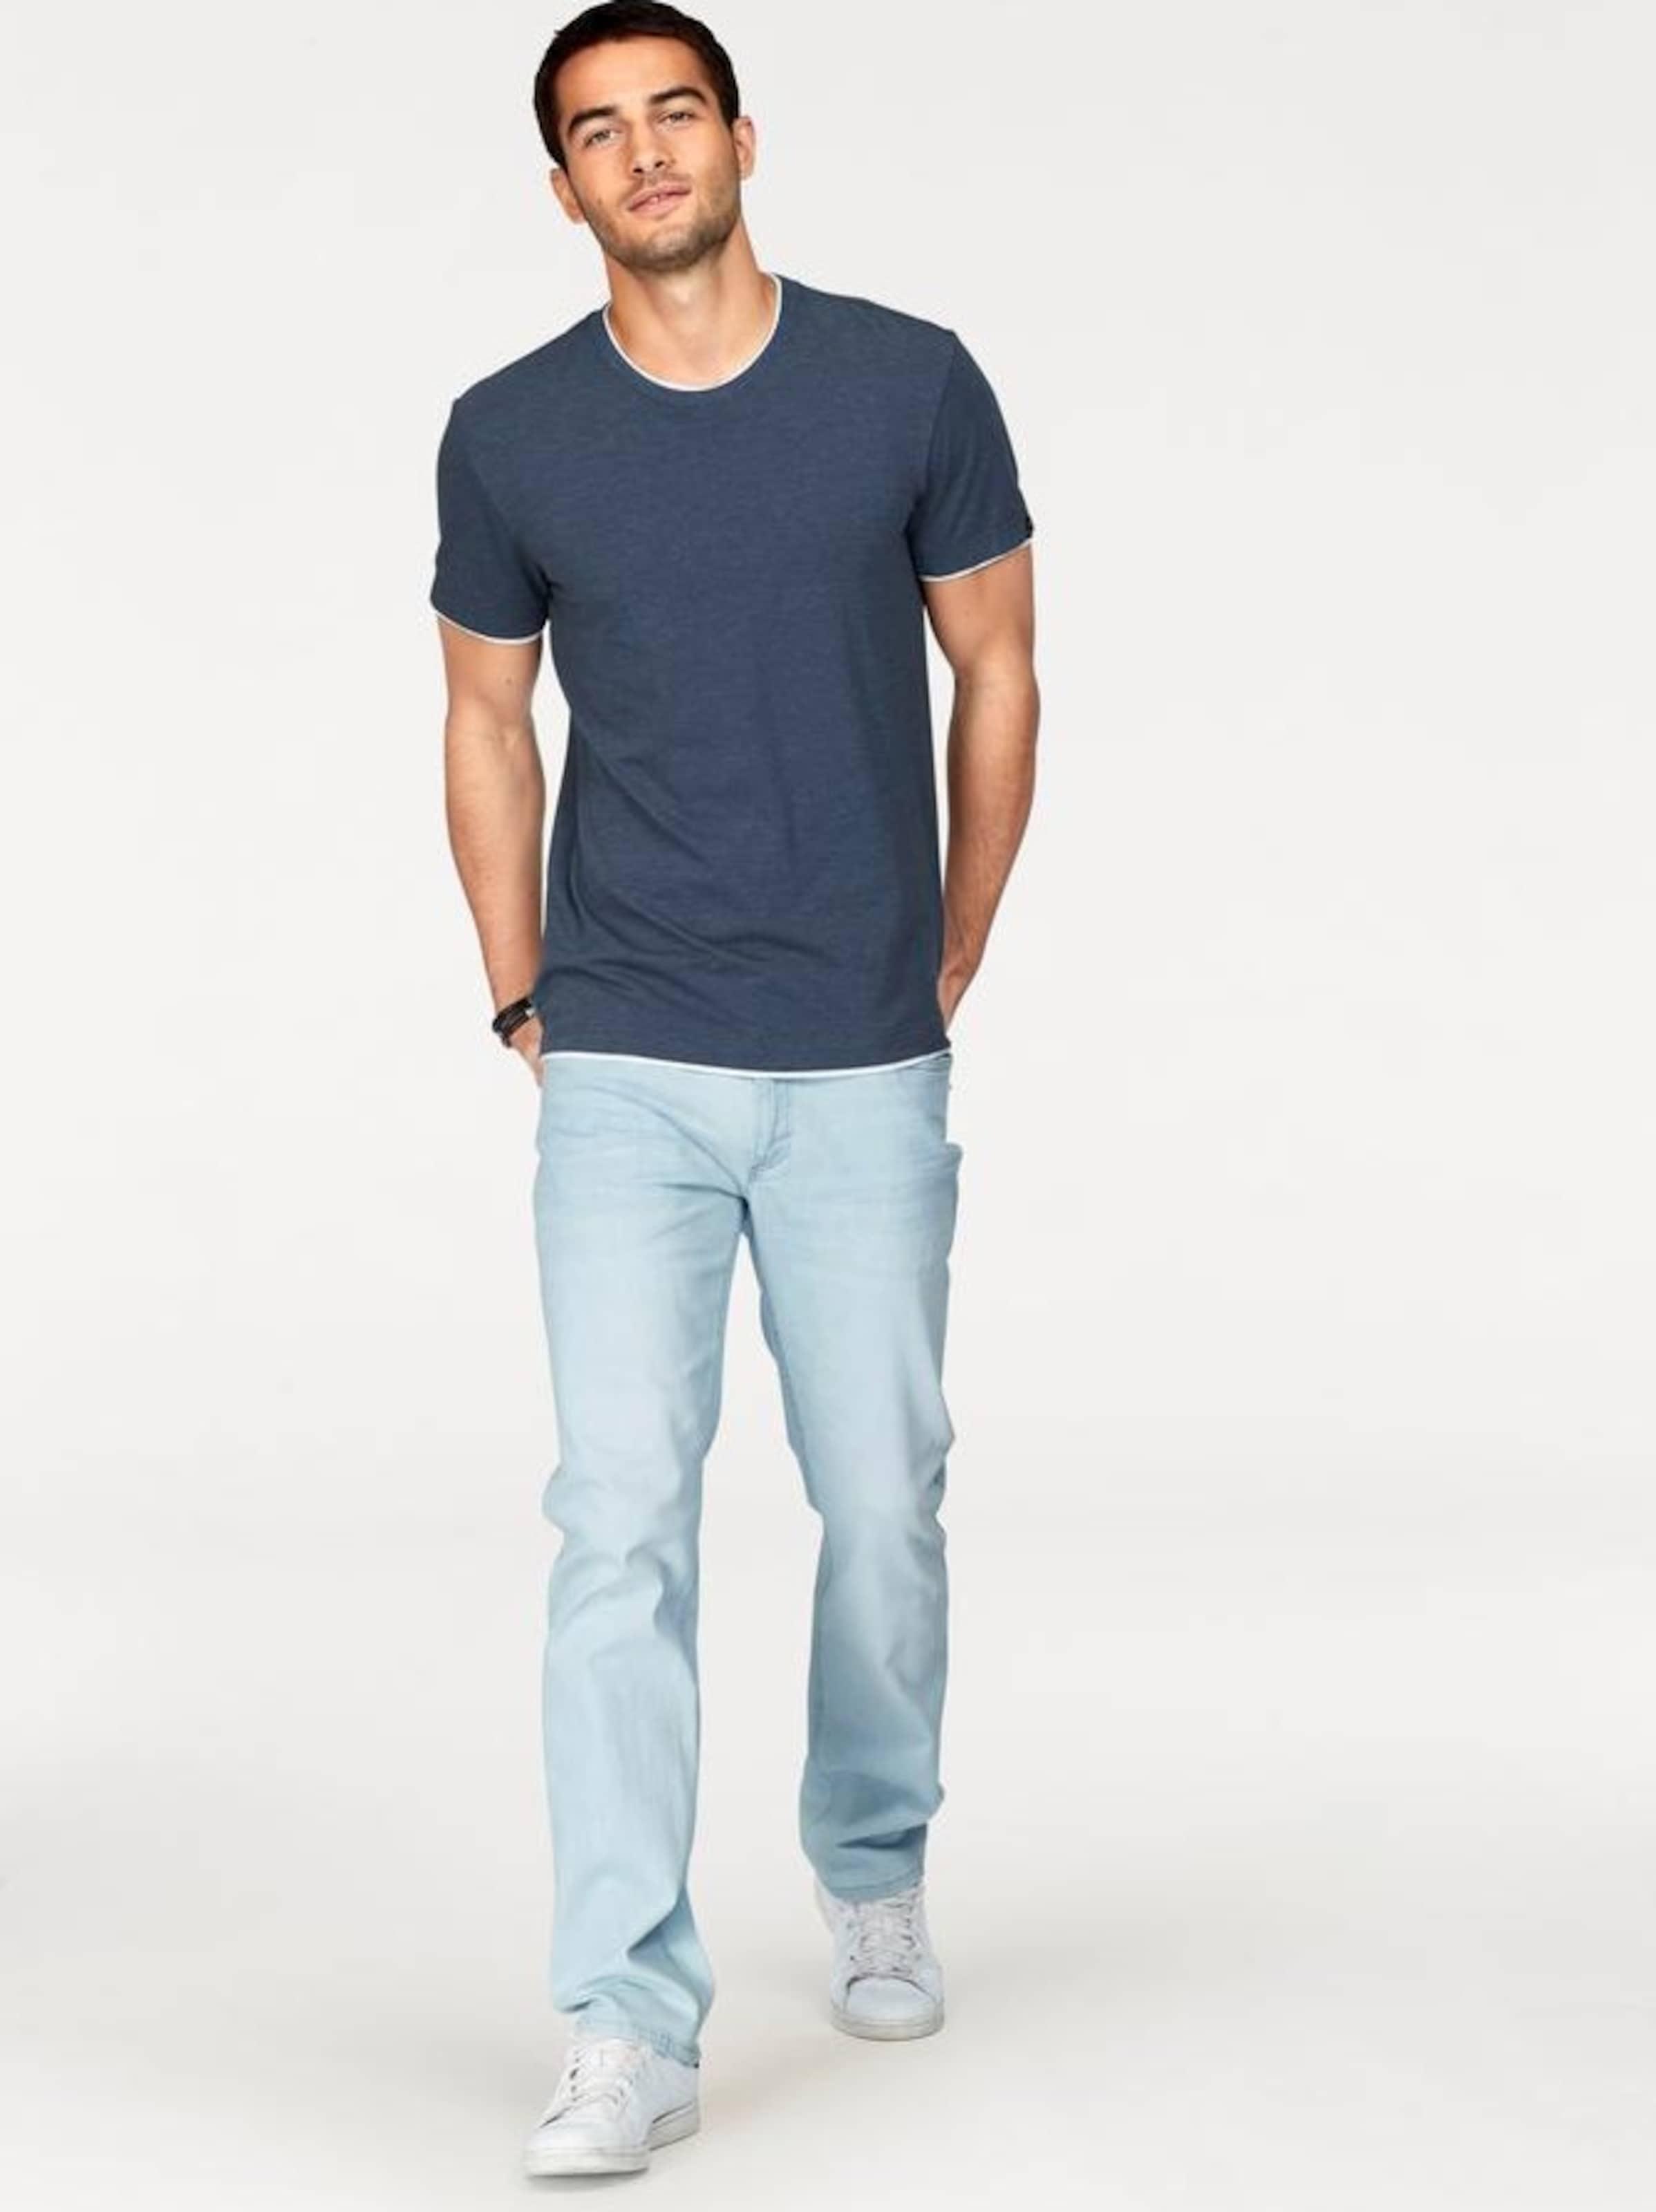 JOHN DEVIN Straight-Jeans Pick Ein Besten Zum Verkauf Zum Verkauf Günstigen Preis Niedrig Preis Versandkosten Für Verkauf Billig Verkauf Freies Verschiffen Freies Verschiffen Niedriger Versand lXoegVA